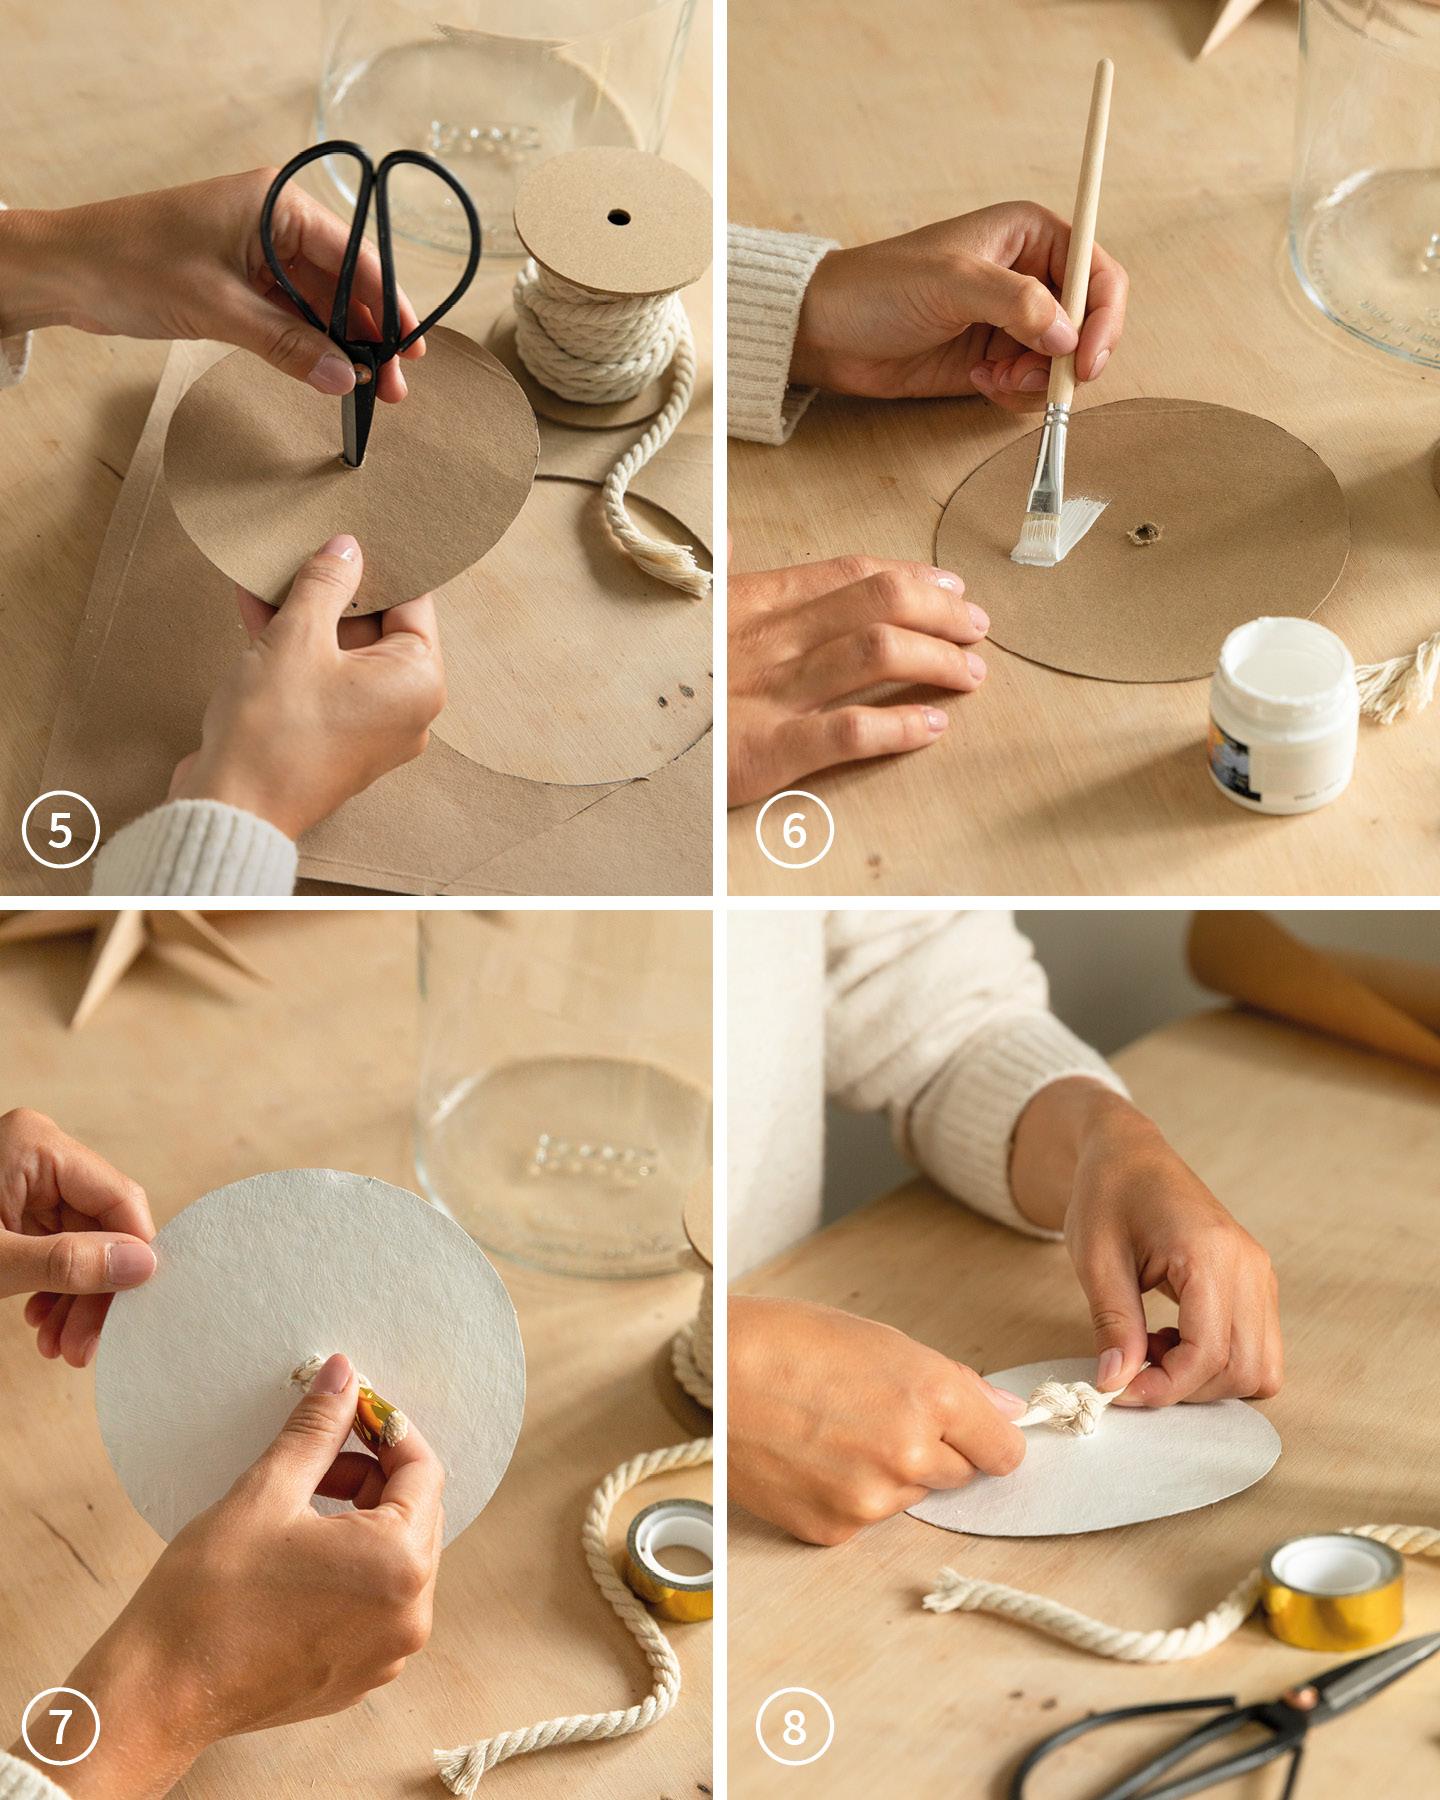 Ein ausgeschnitter Kreis wird mit weißer Farbe bemalt als Deckel für den Adventskalender im Glas.